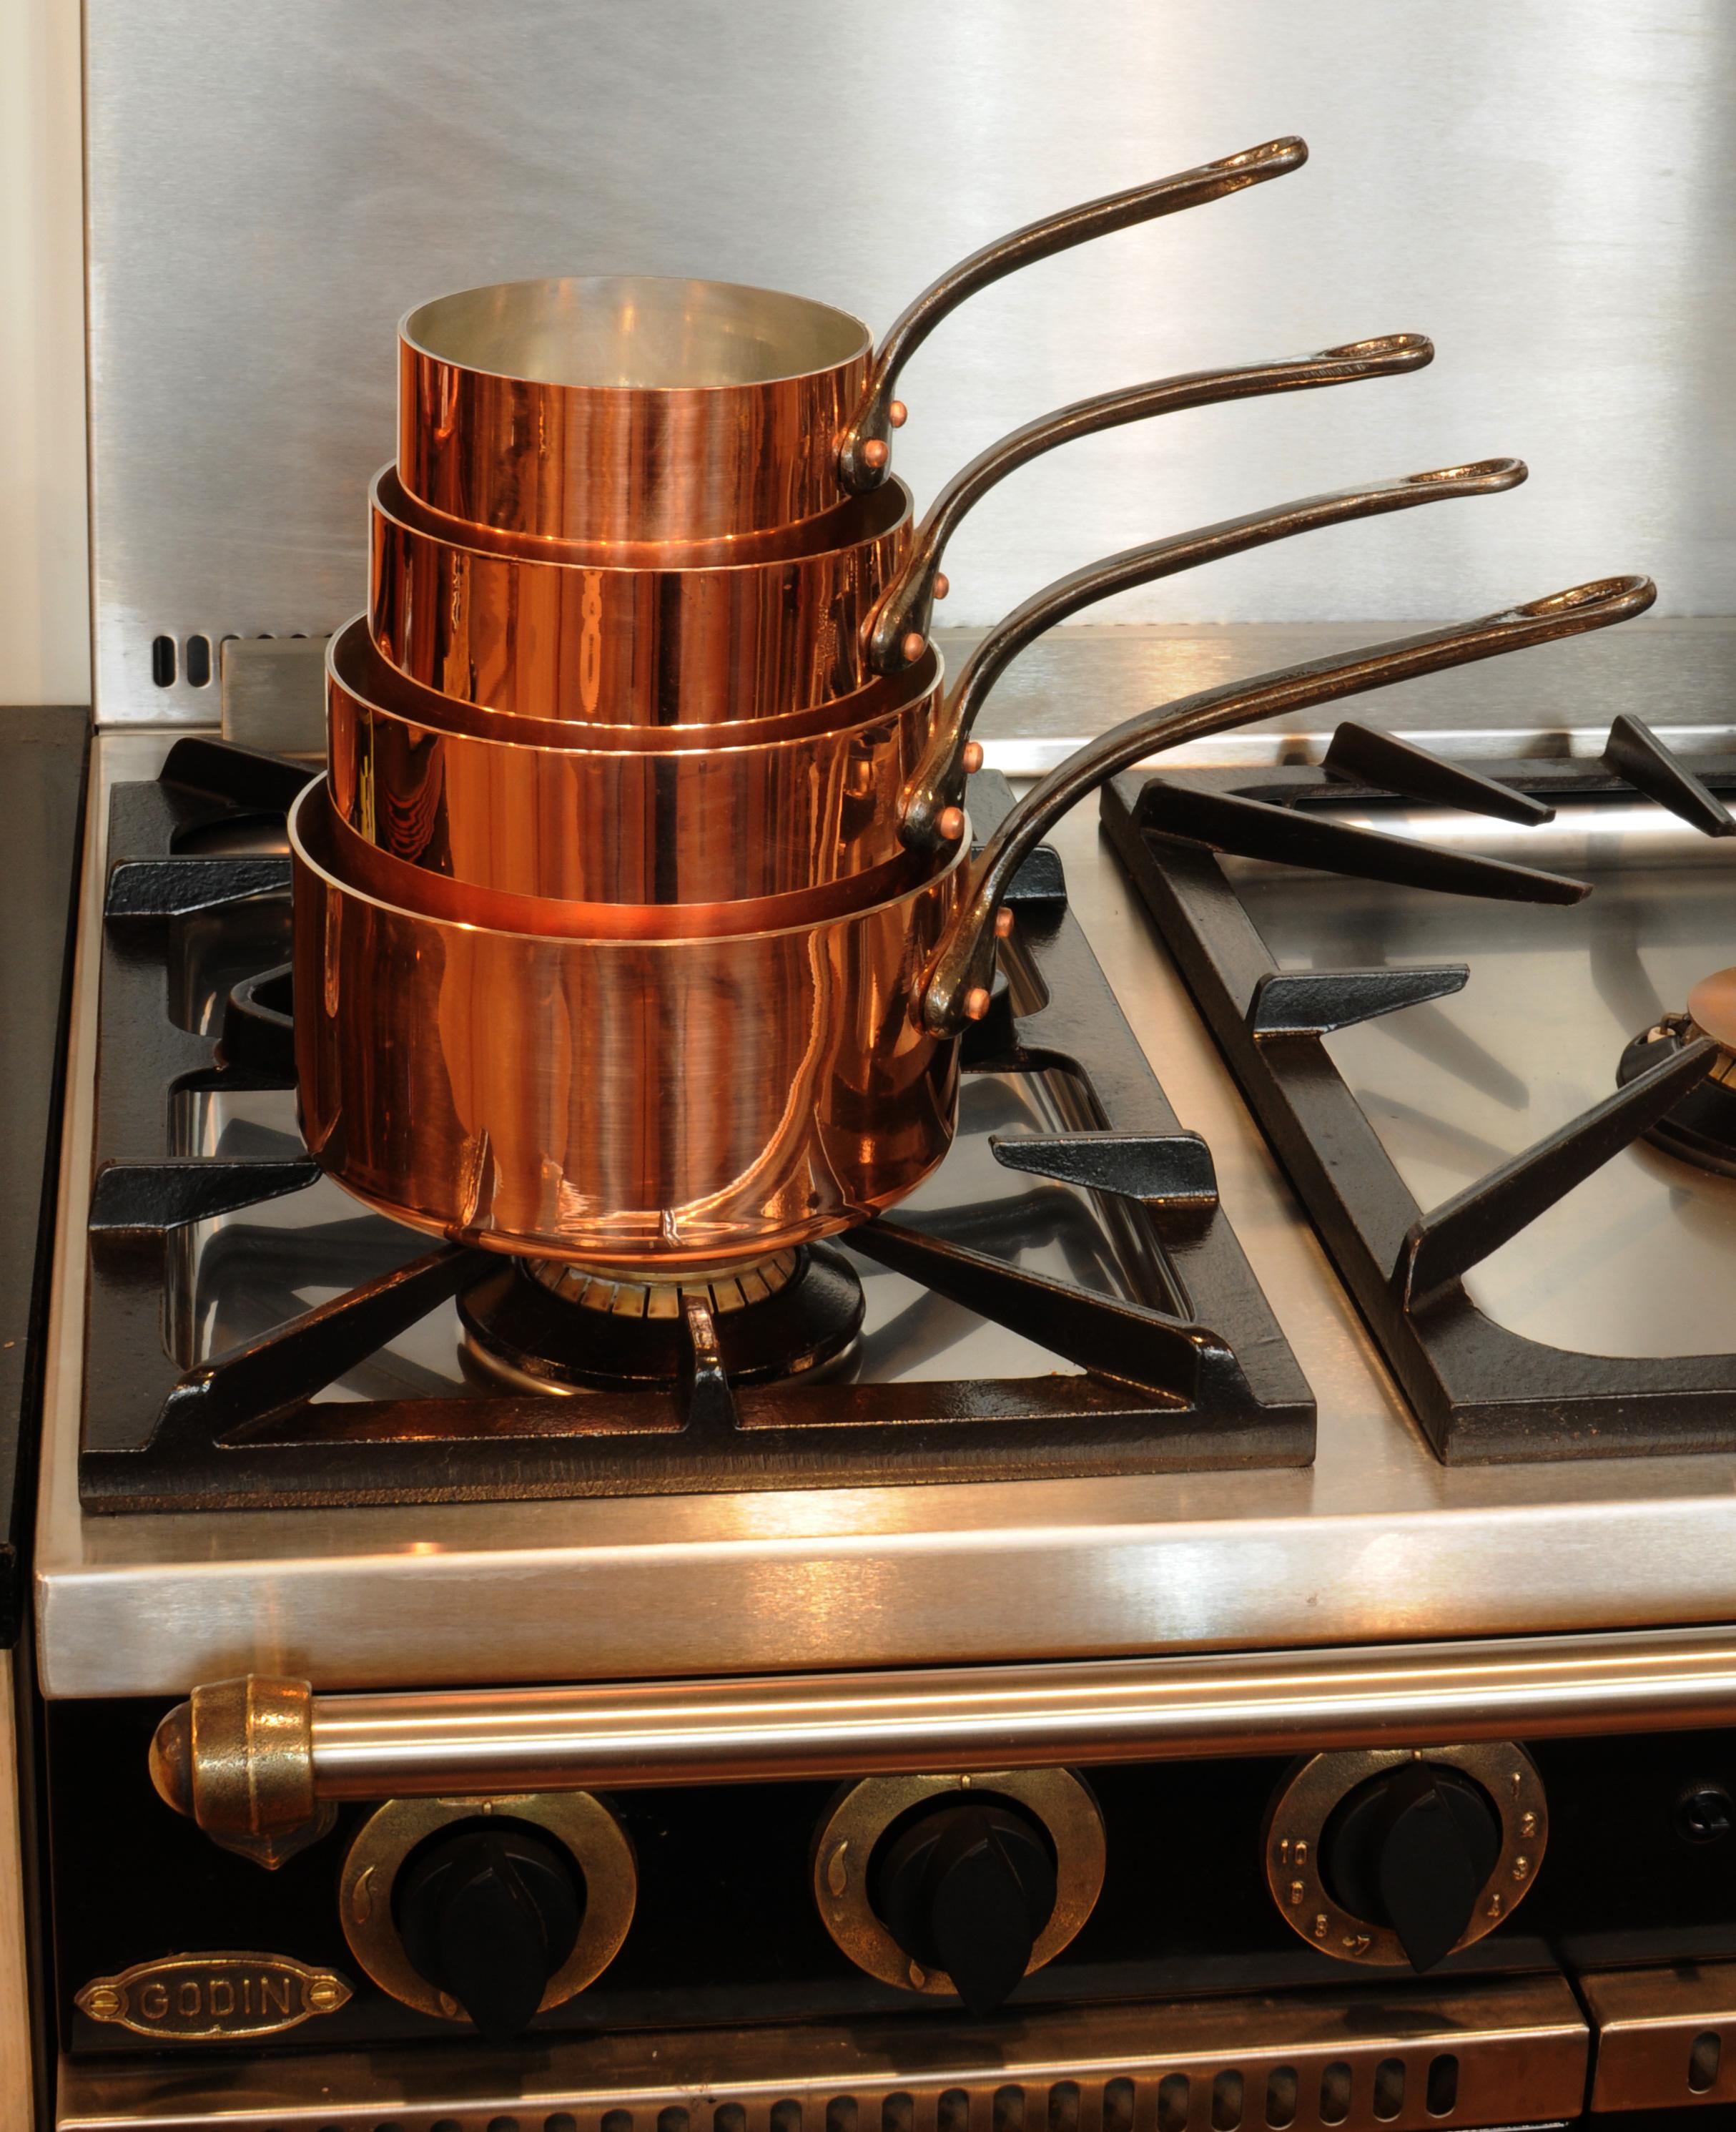 Meilleur de accessoires en cuivre pour la cuisine pkt6 for Accessoires pour la cuisine